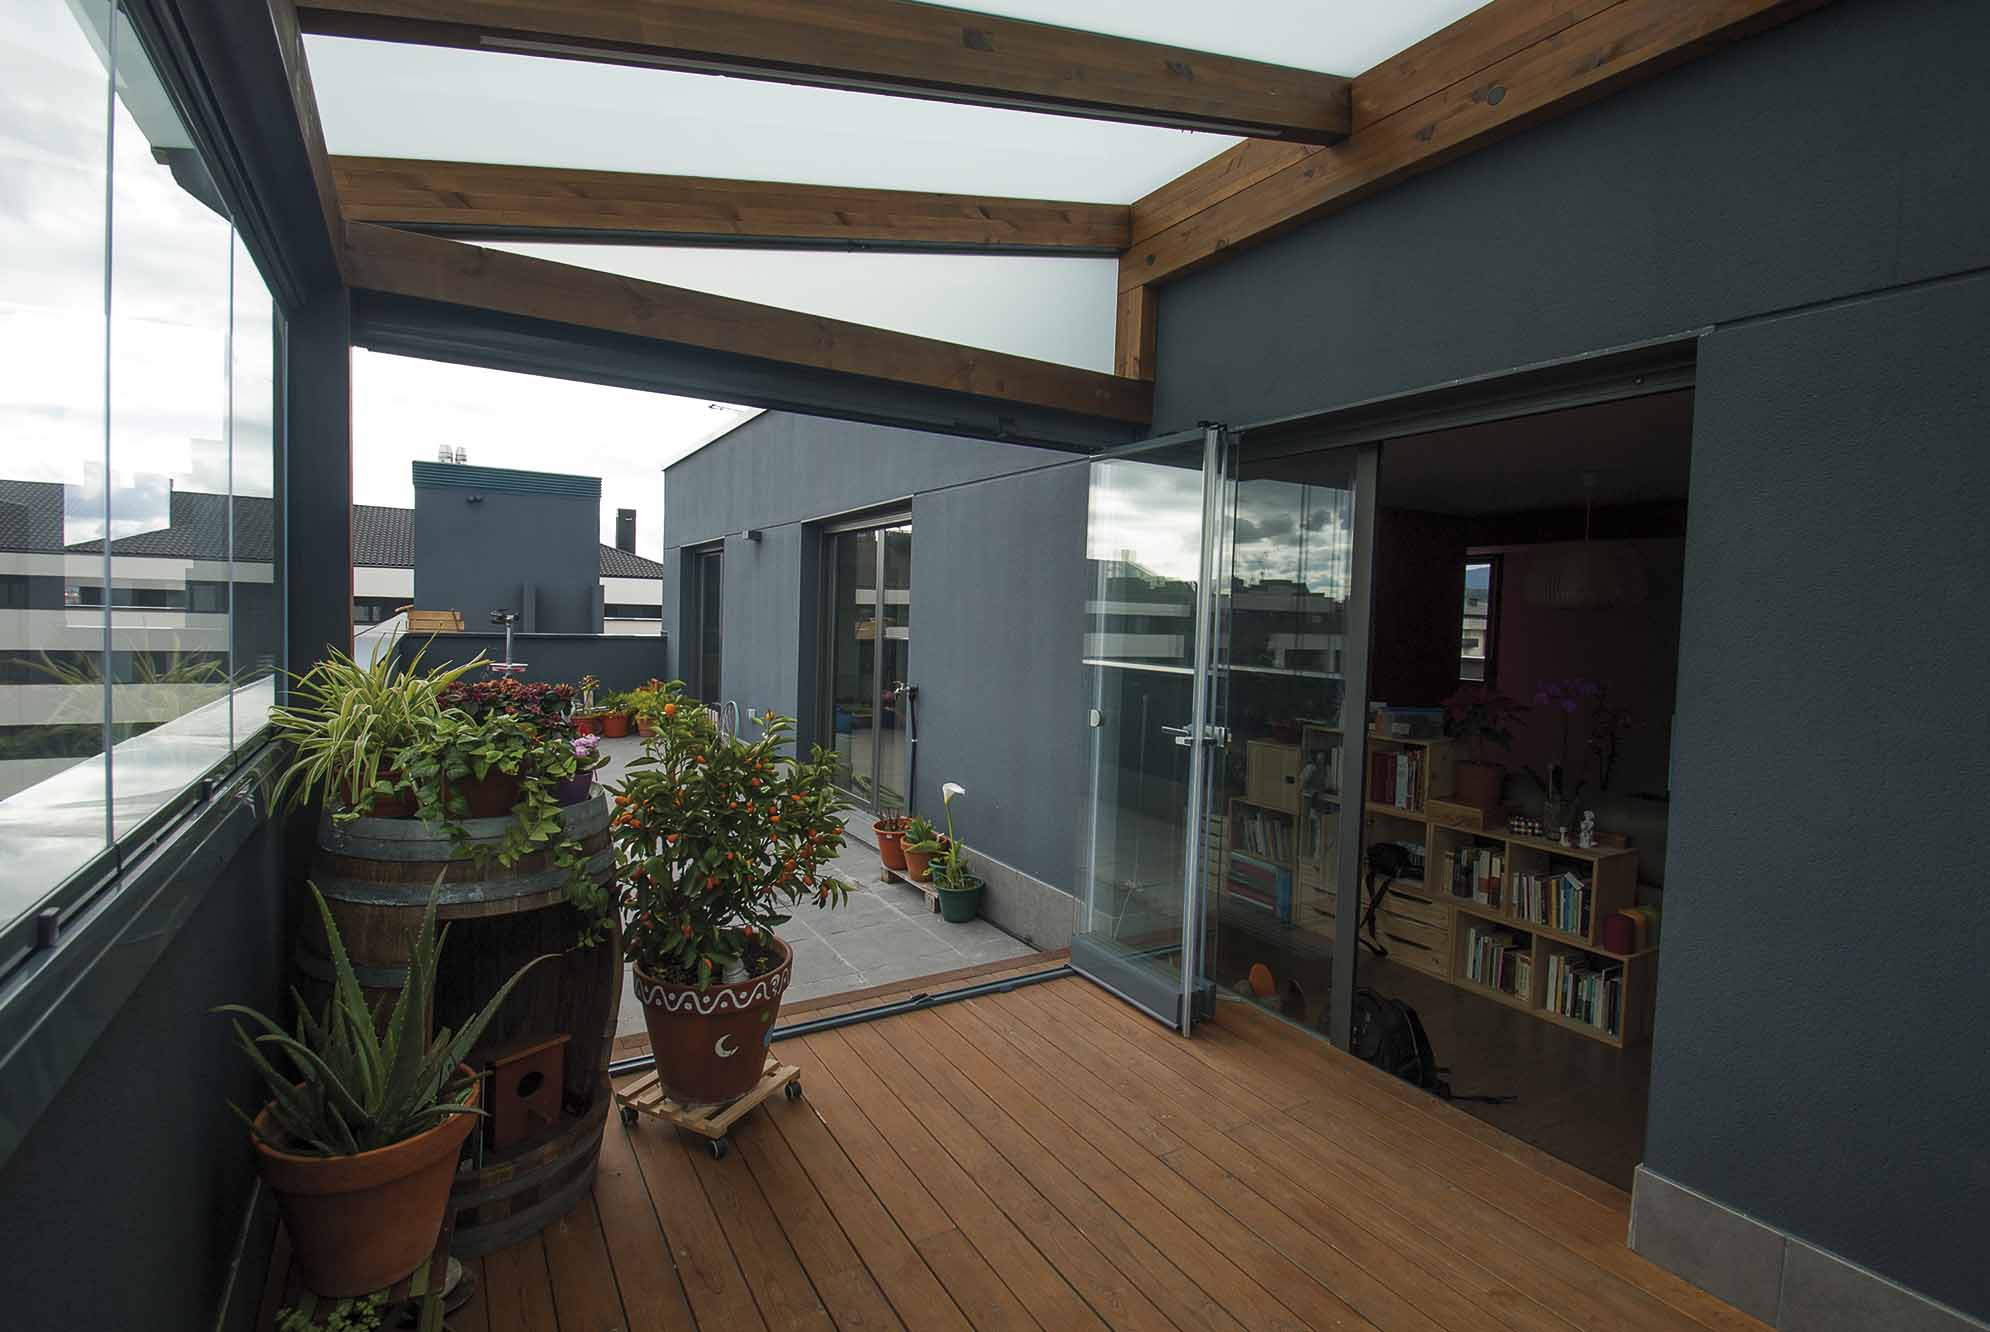 cerramientos-cristal-porches-jardines-aticos-14